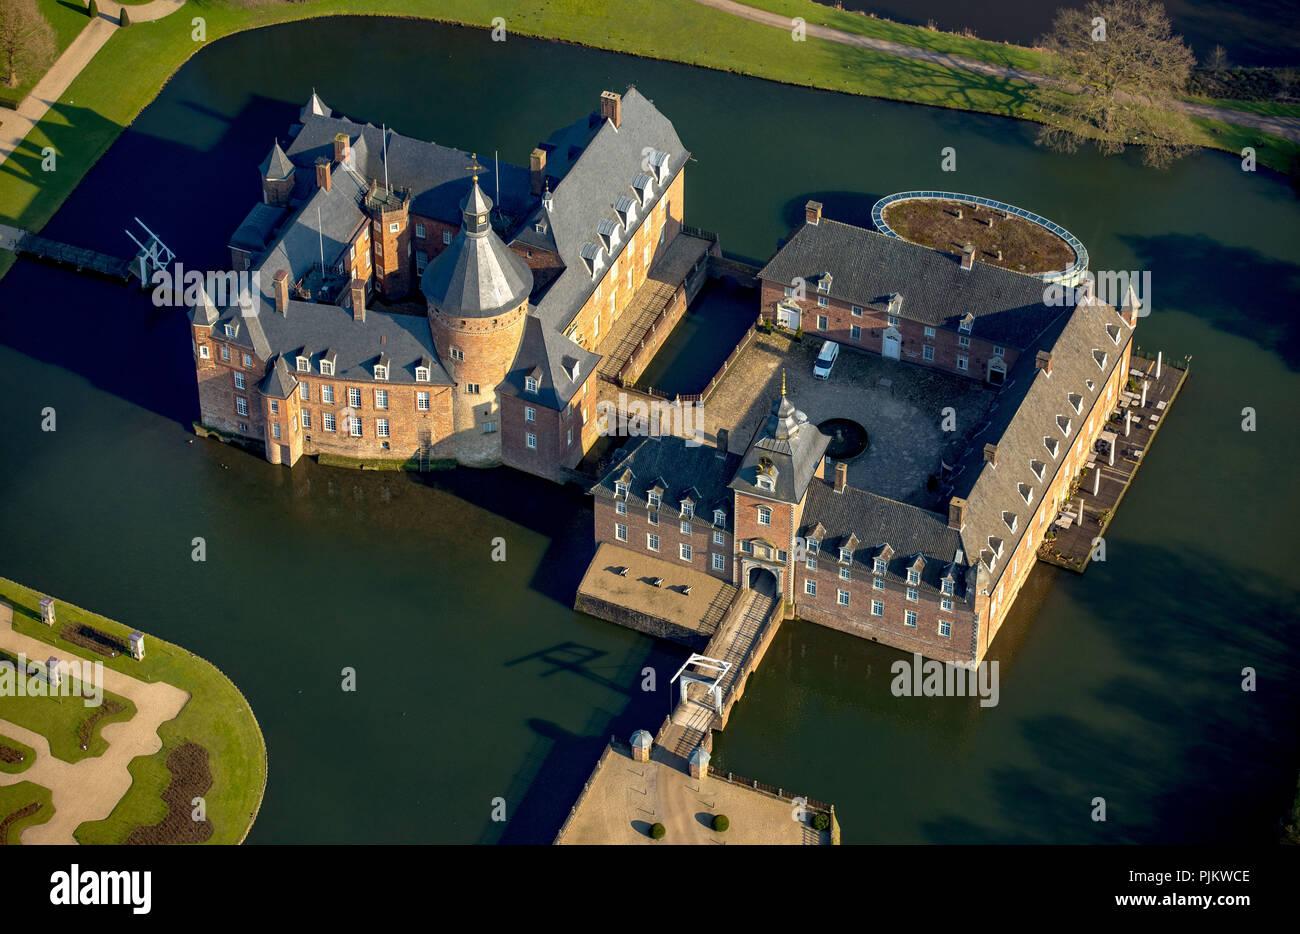 Museum Wasserburg Anholt, Romantik Parkhotel Wasserburg Anholt, Burg, Bocholt, Isselburg, Niederrhein, Nordrhein-Westfalen, Deutschland Stockfoto